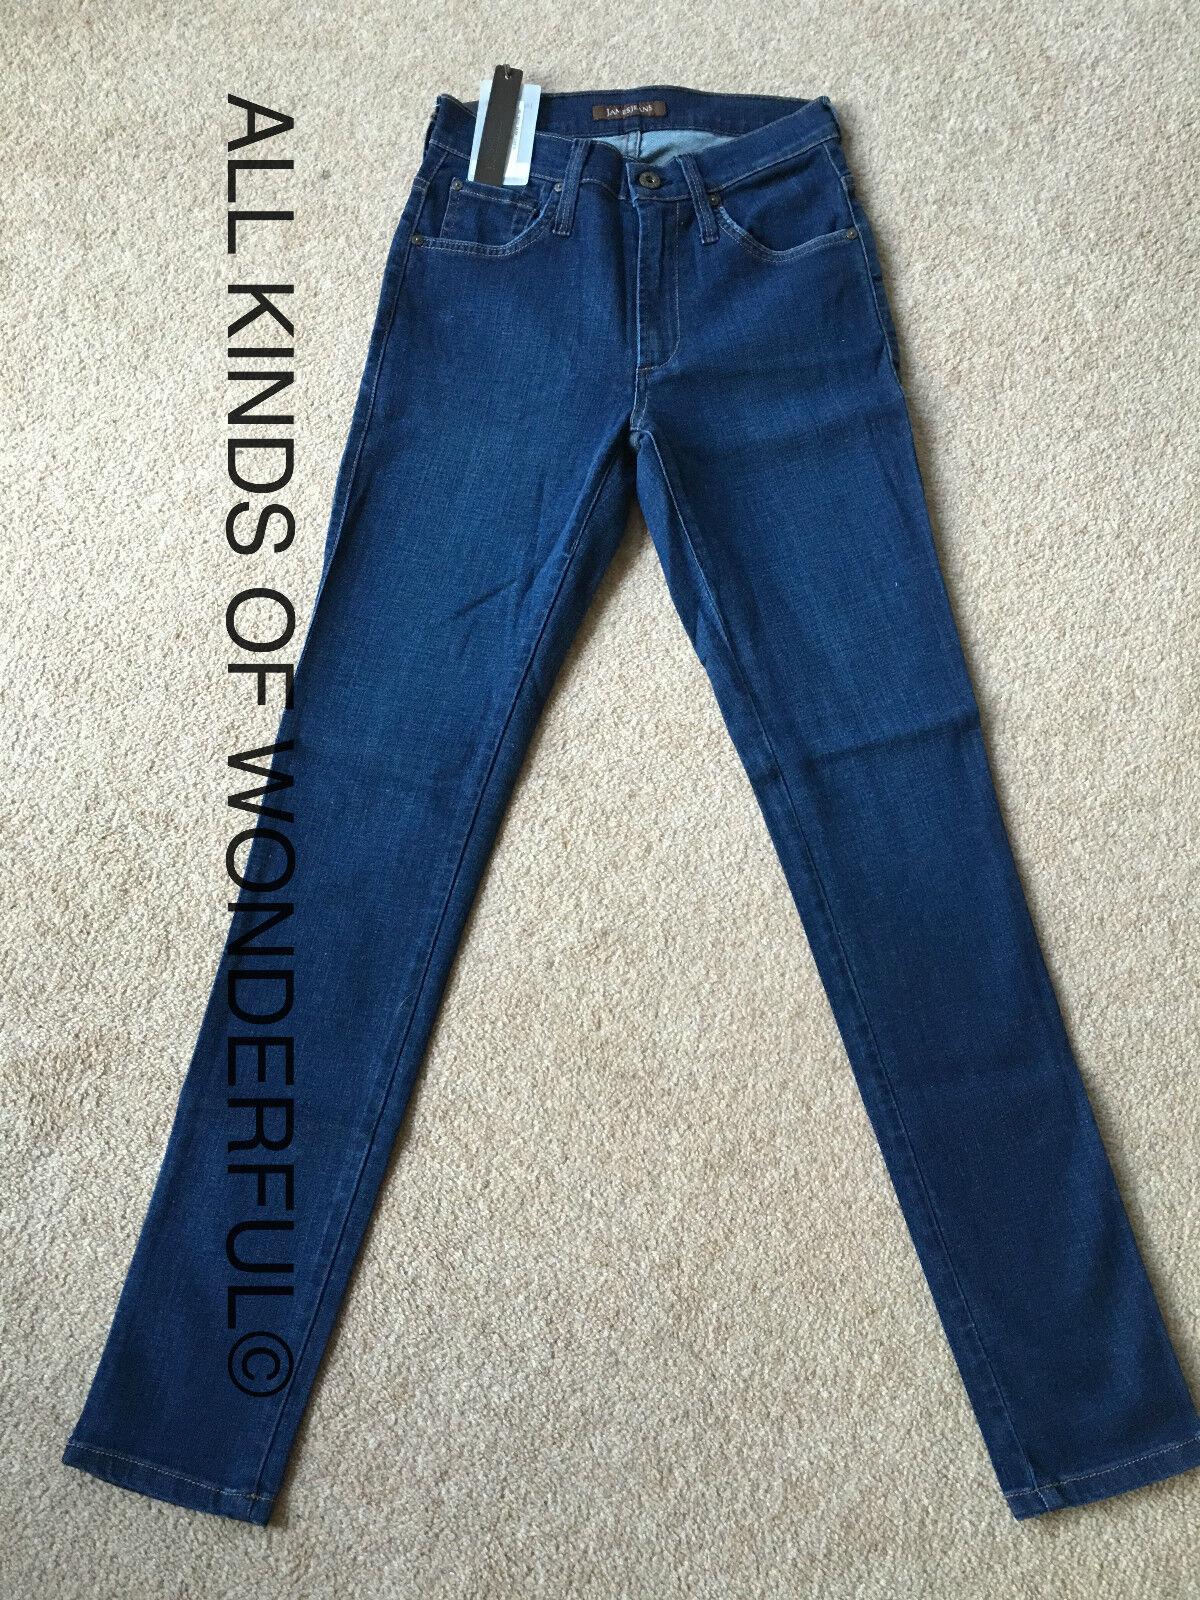 James Jeans Alta Classe SKINNY IN COSTIERA (mid blu) Tag Nuovo di zecca con RRP